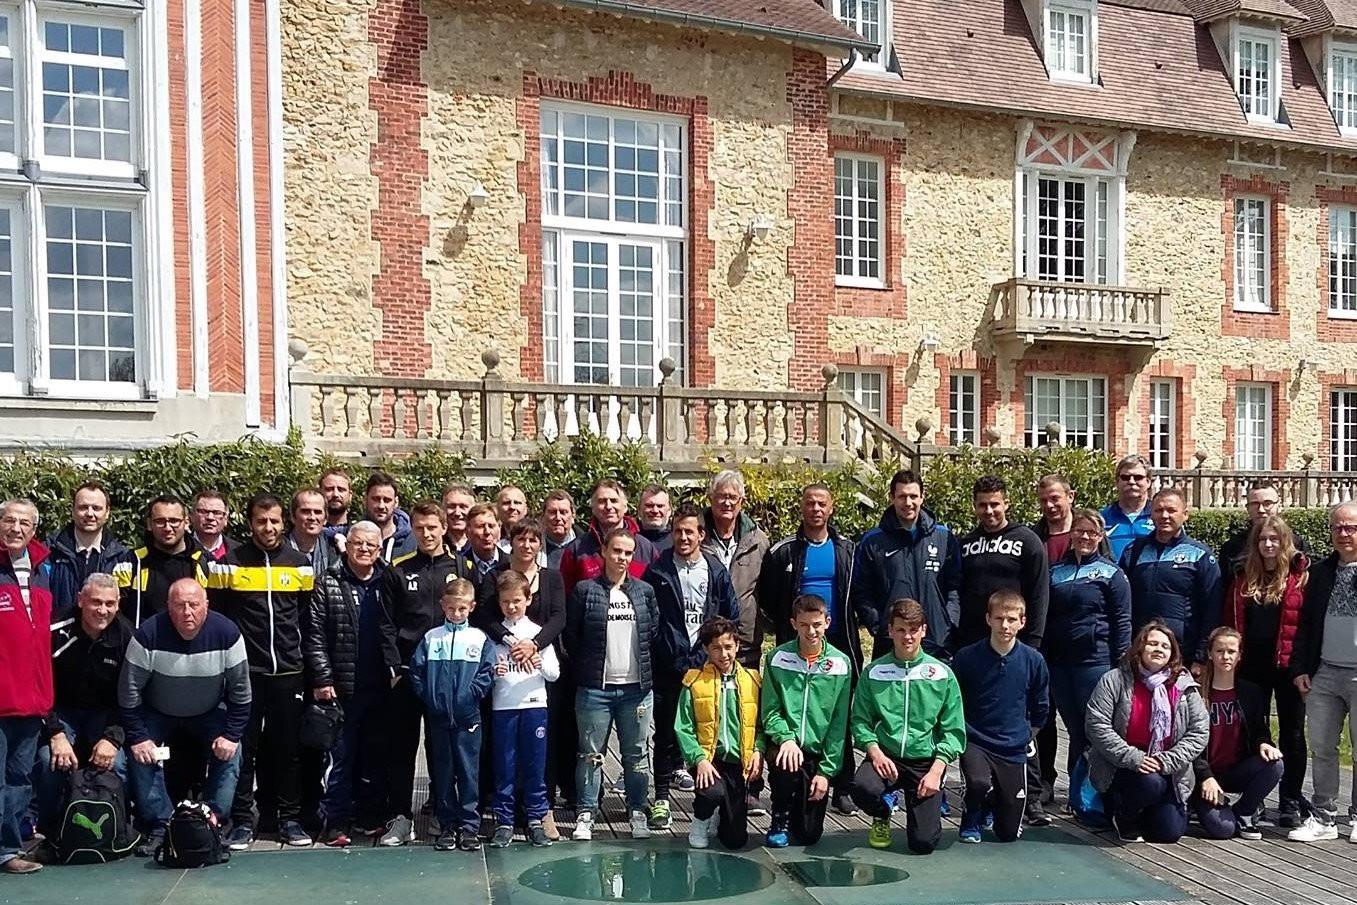 Visite de CLAIREFONTAINE et intervention de l'entraineur des gardiens de l'équipe de France Franck RAVIOT - Vignette